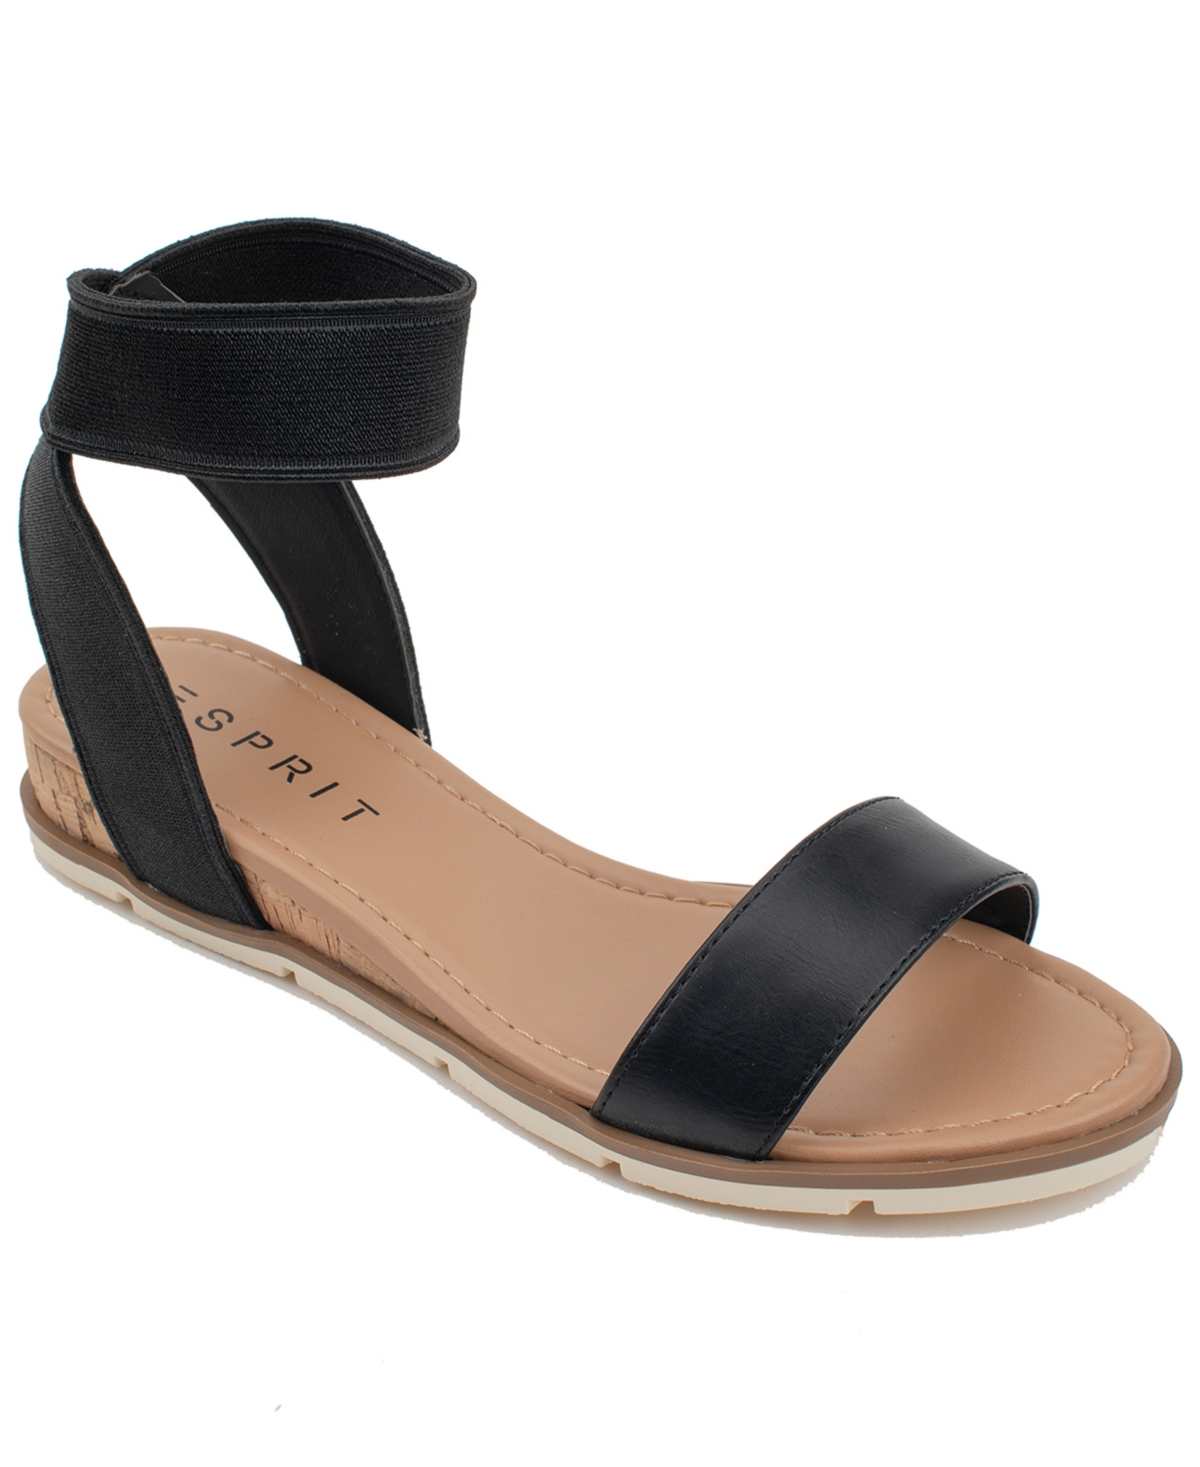 Esprit Dayana Sandals Women's Shoes